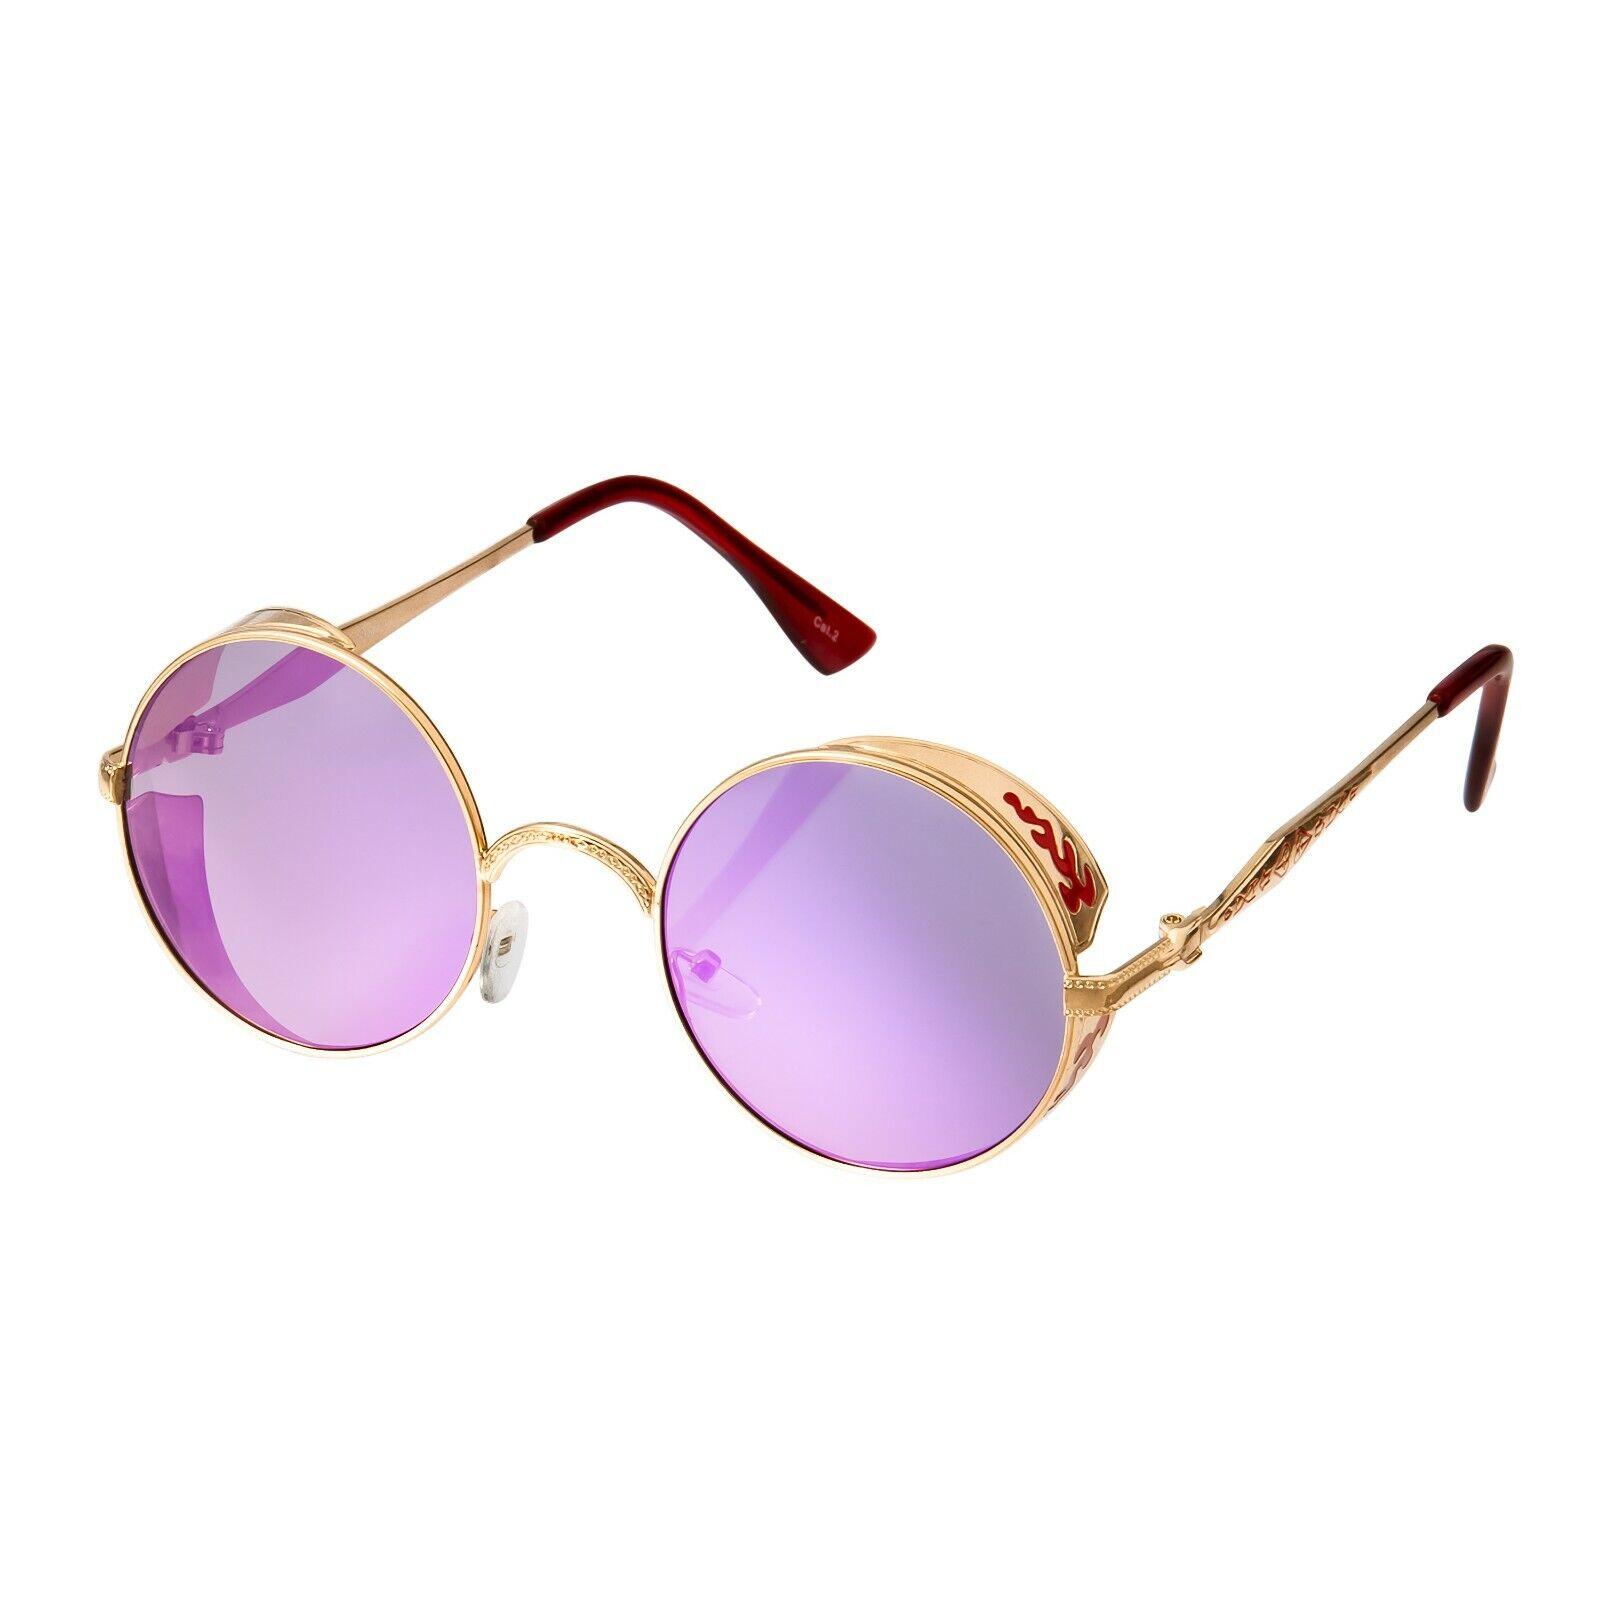 4649f932f1b8 Gold + Purple Steampunk Glasses Cyber Round Retro Goggles Vintage  Sunglasses UK